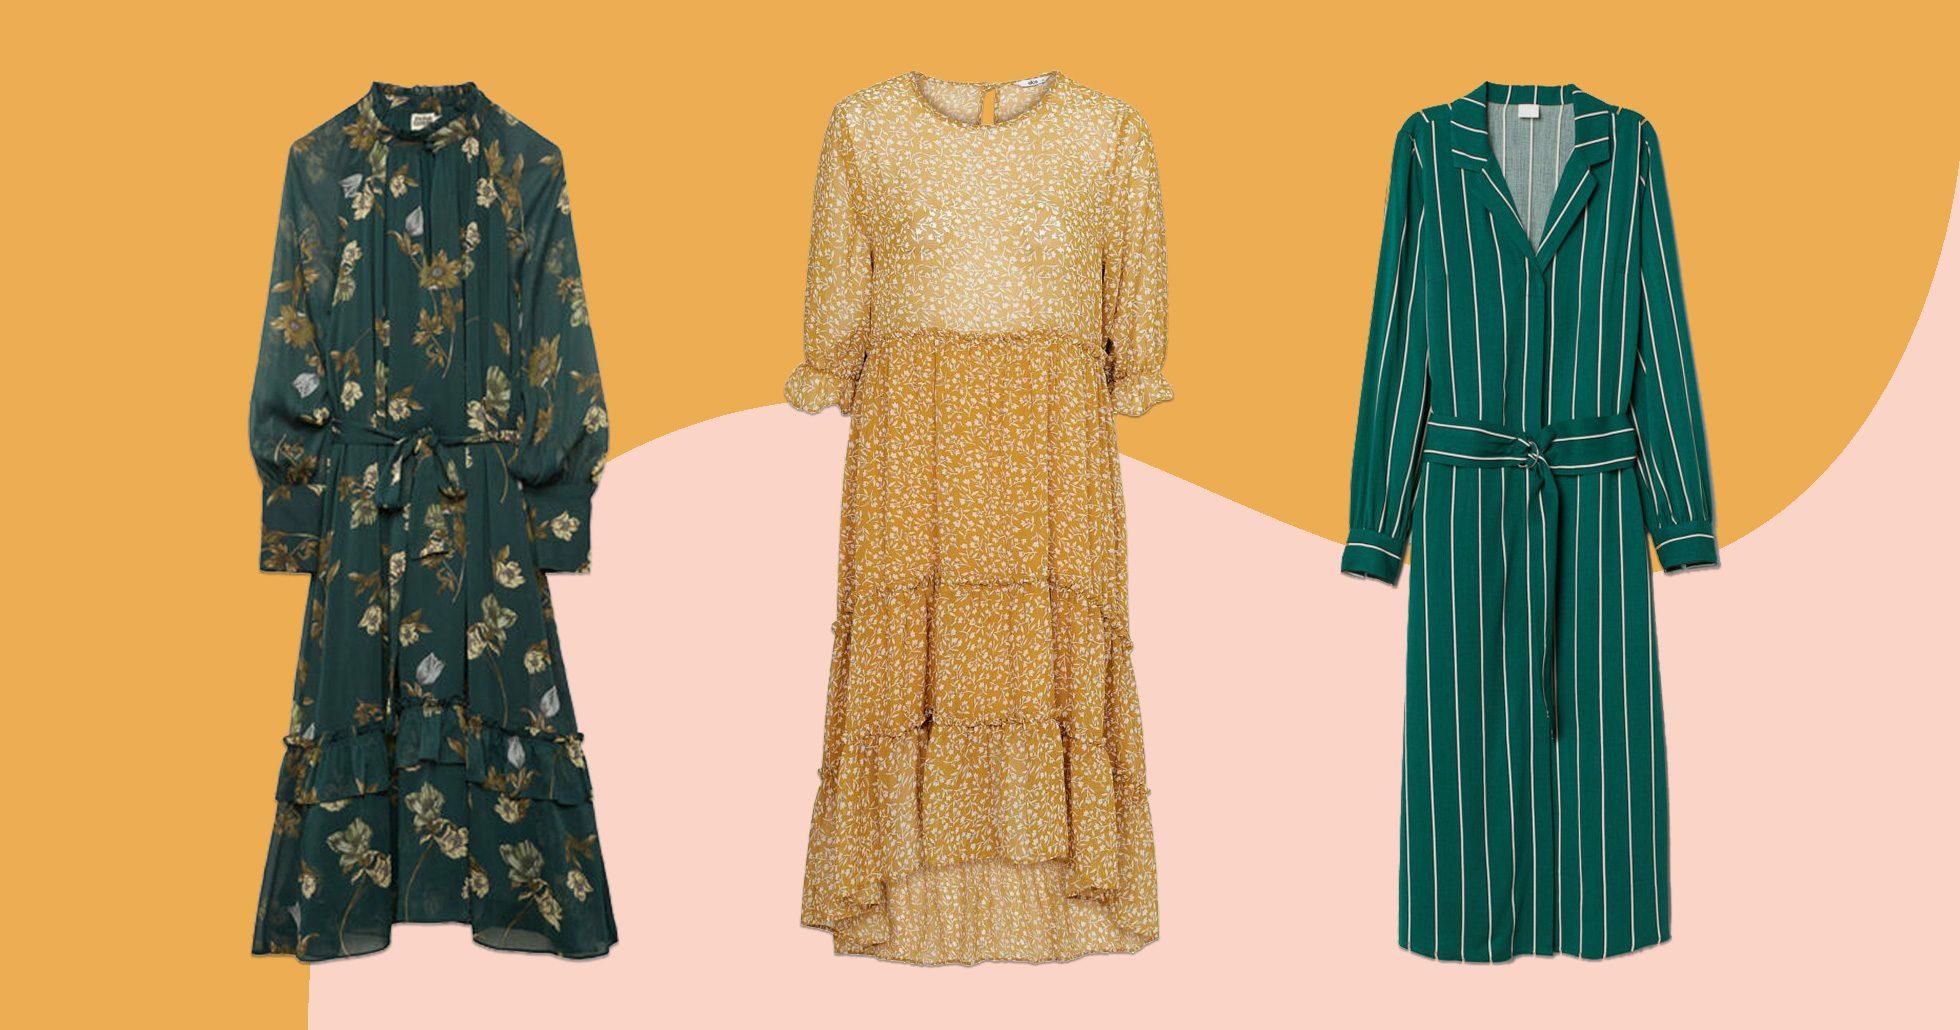 4843a98e3372 16 trendiga klänningar i butik just nu | Allas.se